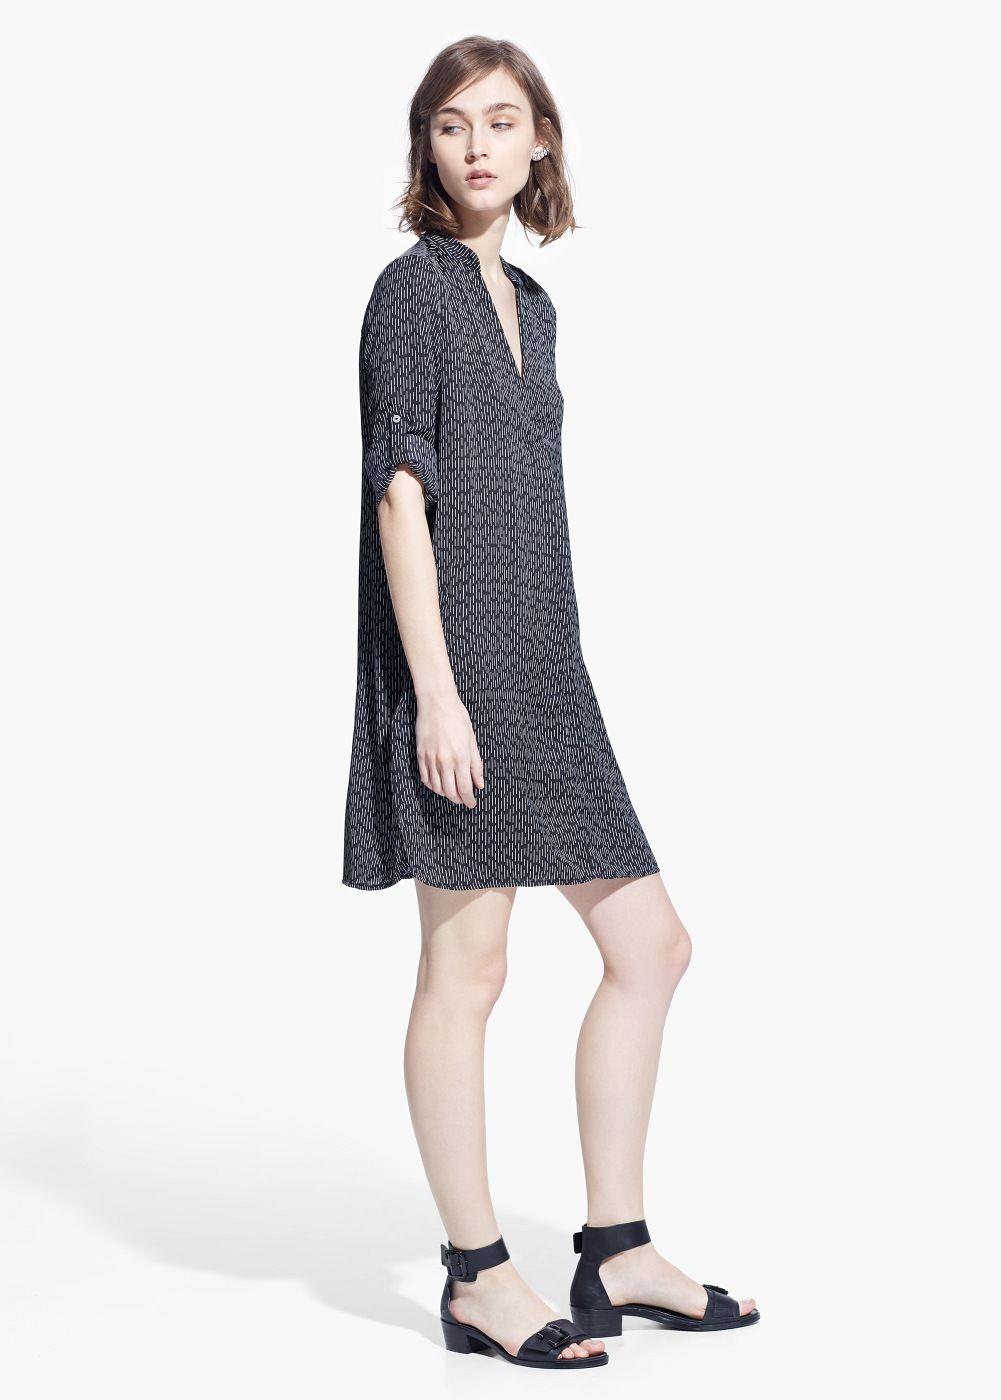 Flowy Shirt Dress Woman Mekot Pinterest Shirt Dress Dresses